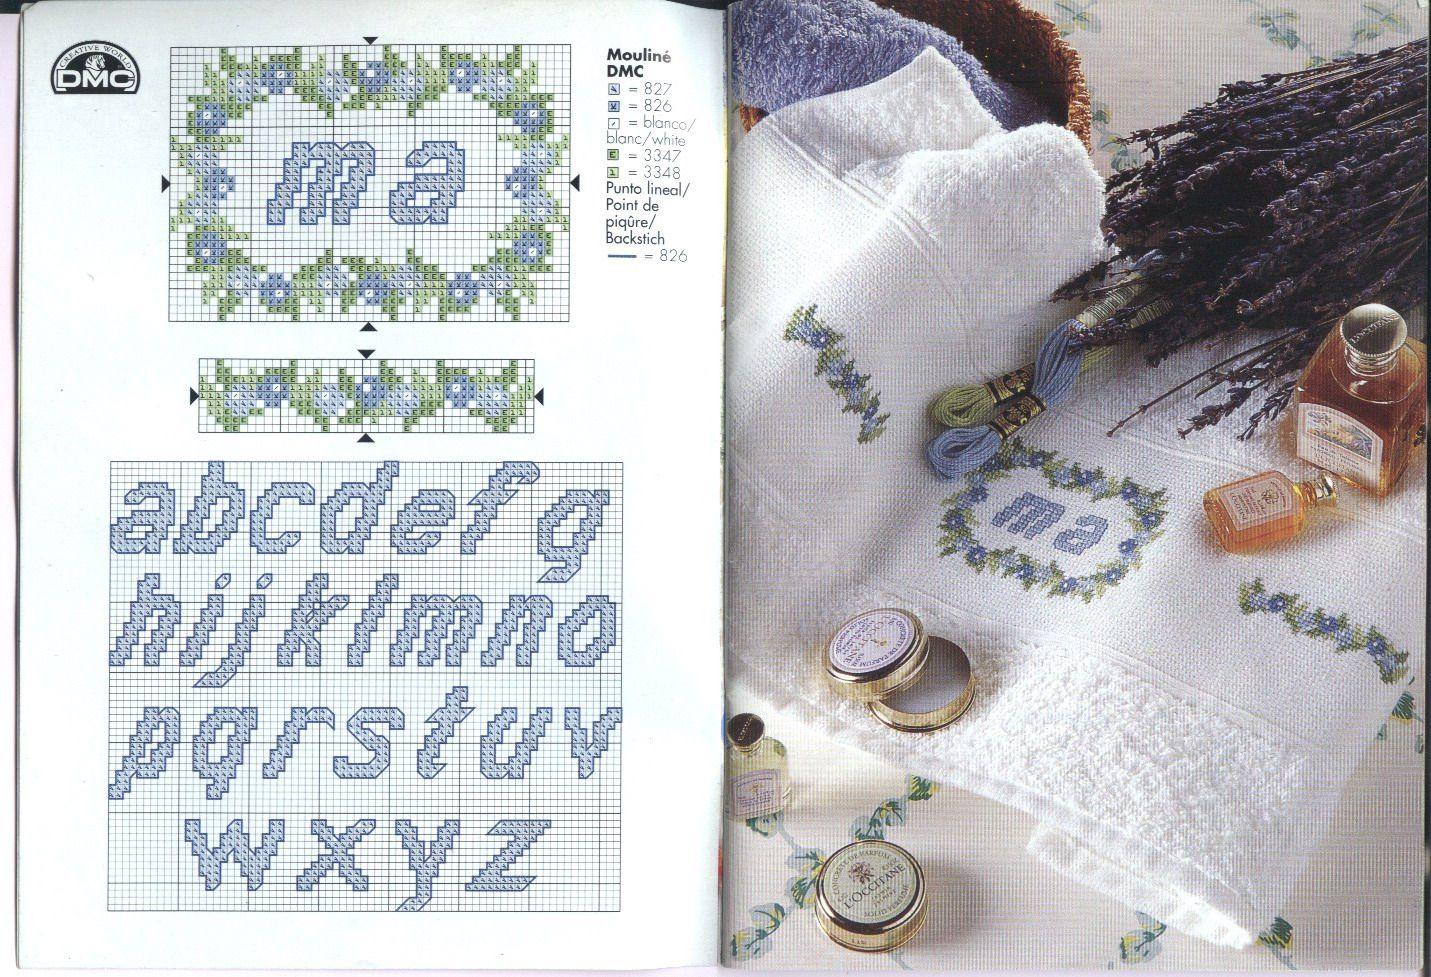 DMC + Idées + pour + Serviettes + 01.jpg (image)   – Cose da comprare